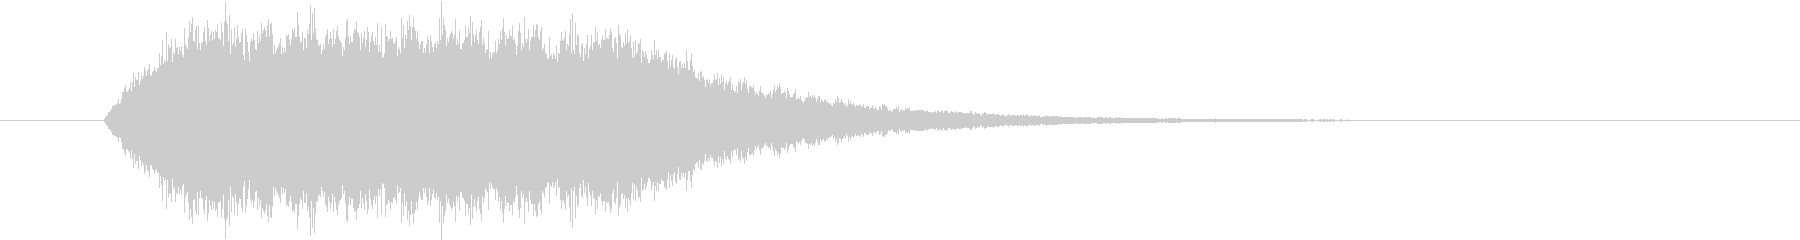 ワープ・光属性魔法の効果音(キーン)の未再生の波形